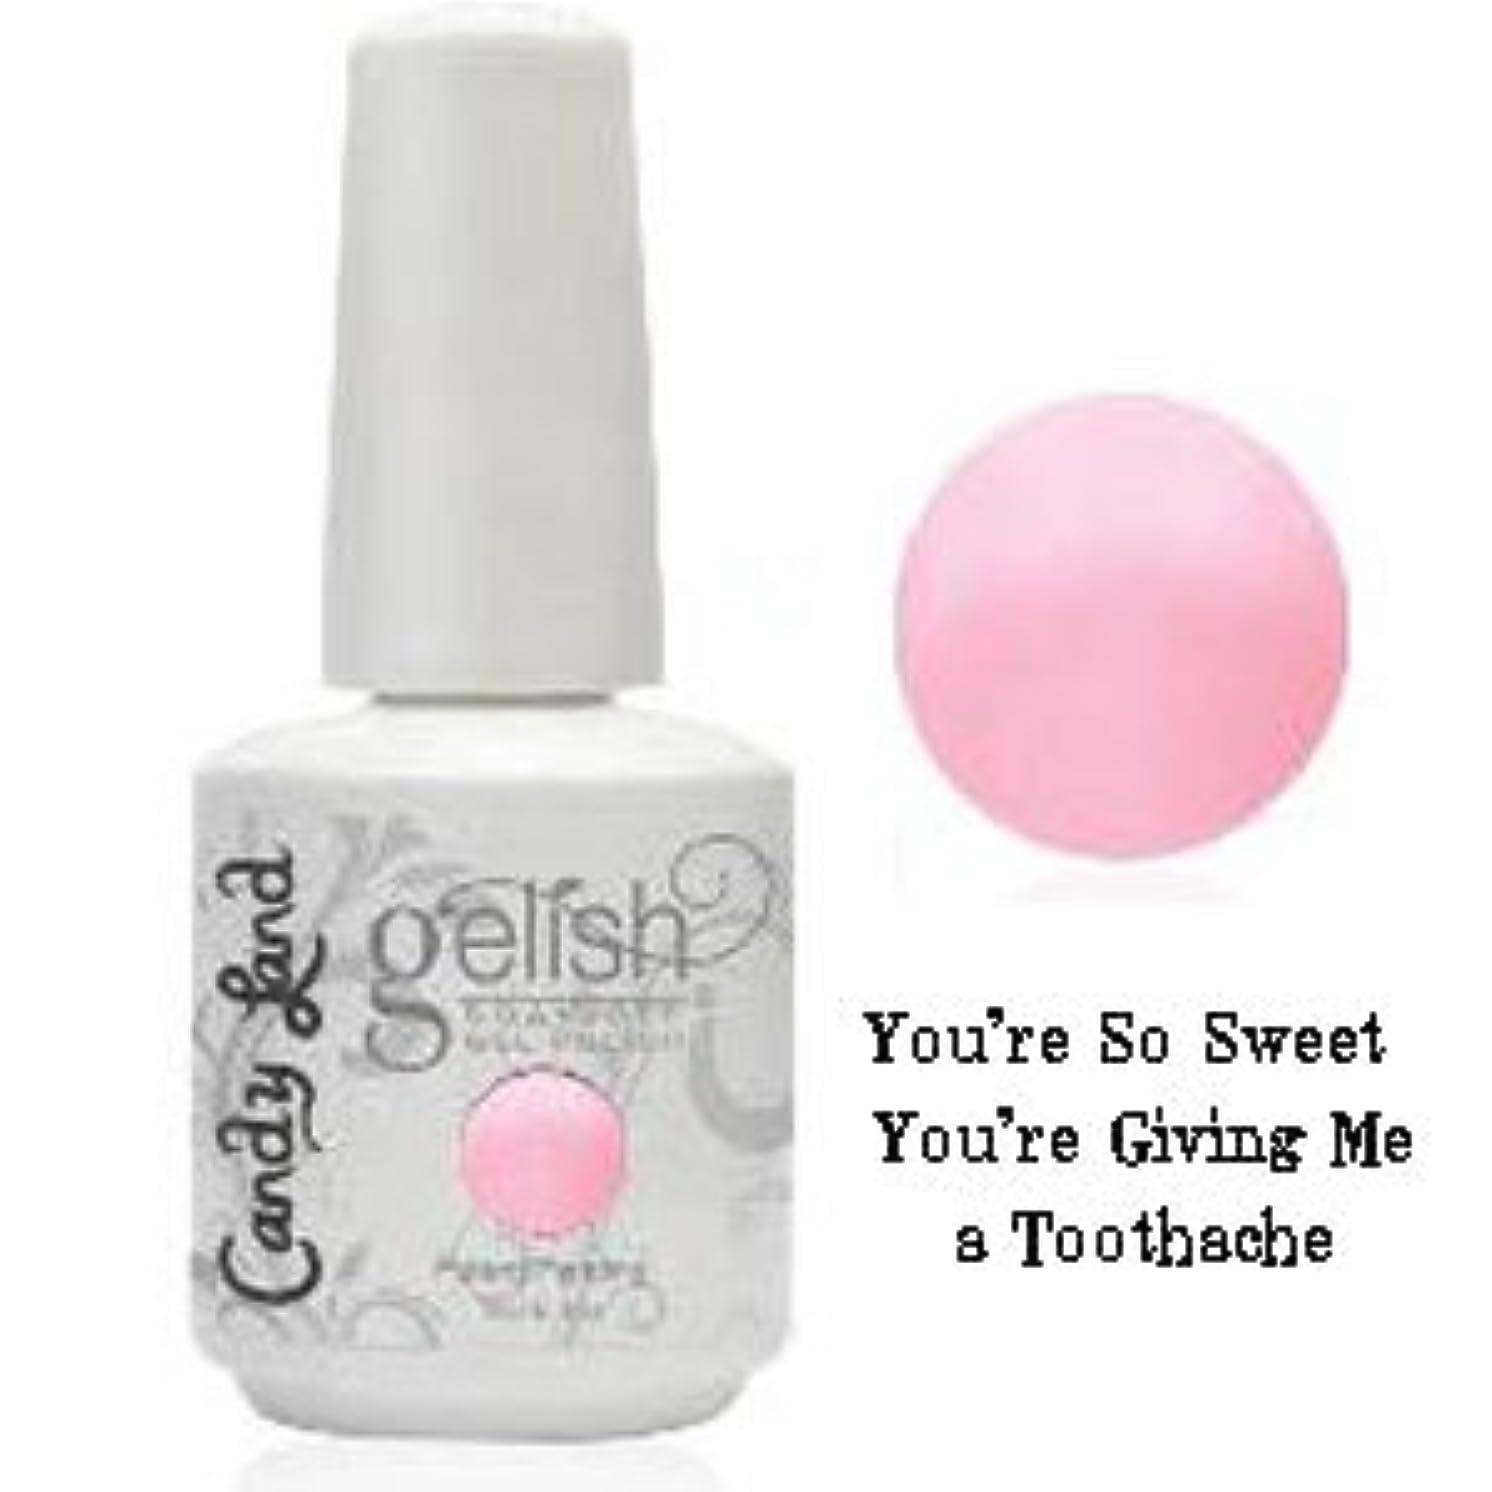 不調和ファームスイングHarmony gelishソークオフジェル-You're So Sweet You're Giving Me a Toothache -キャンディーランドコレクション 15ml [海外直送品][並行輸入品]